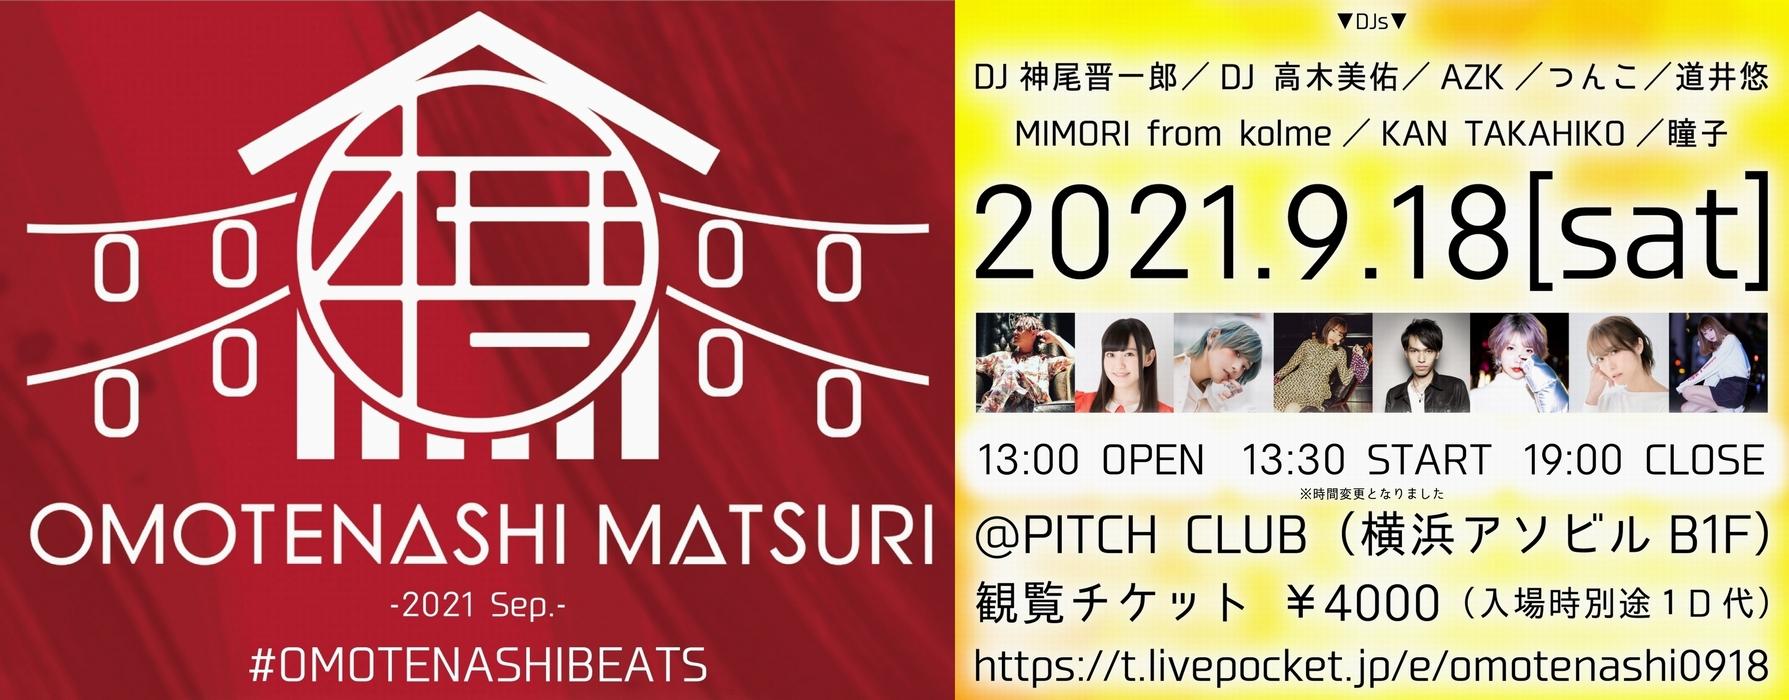 OMOTENASHI MATSURI -2021 Sep.-